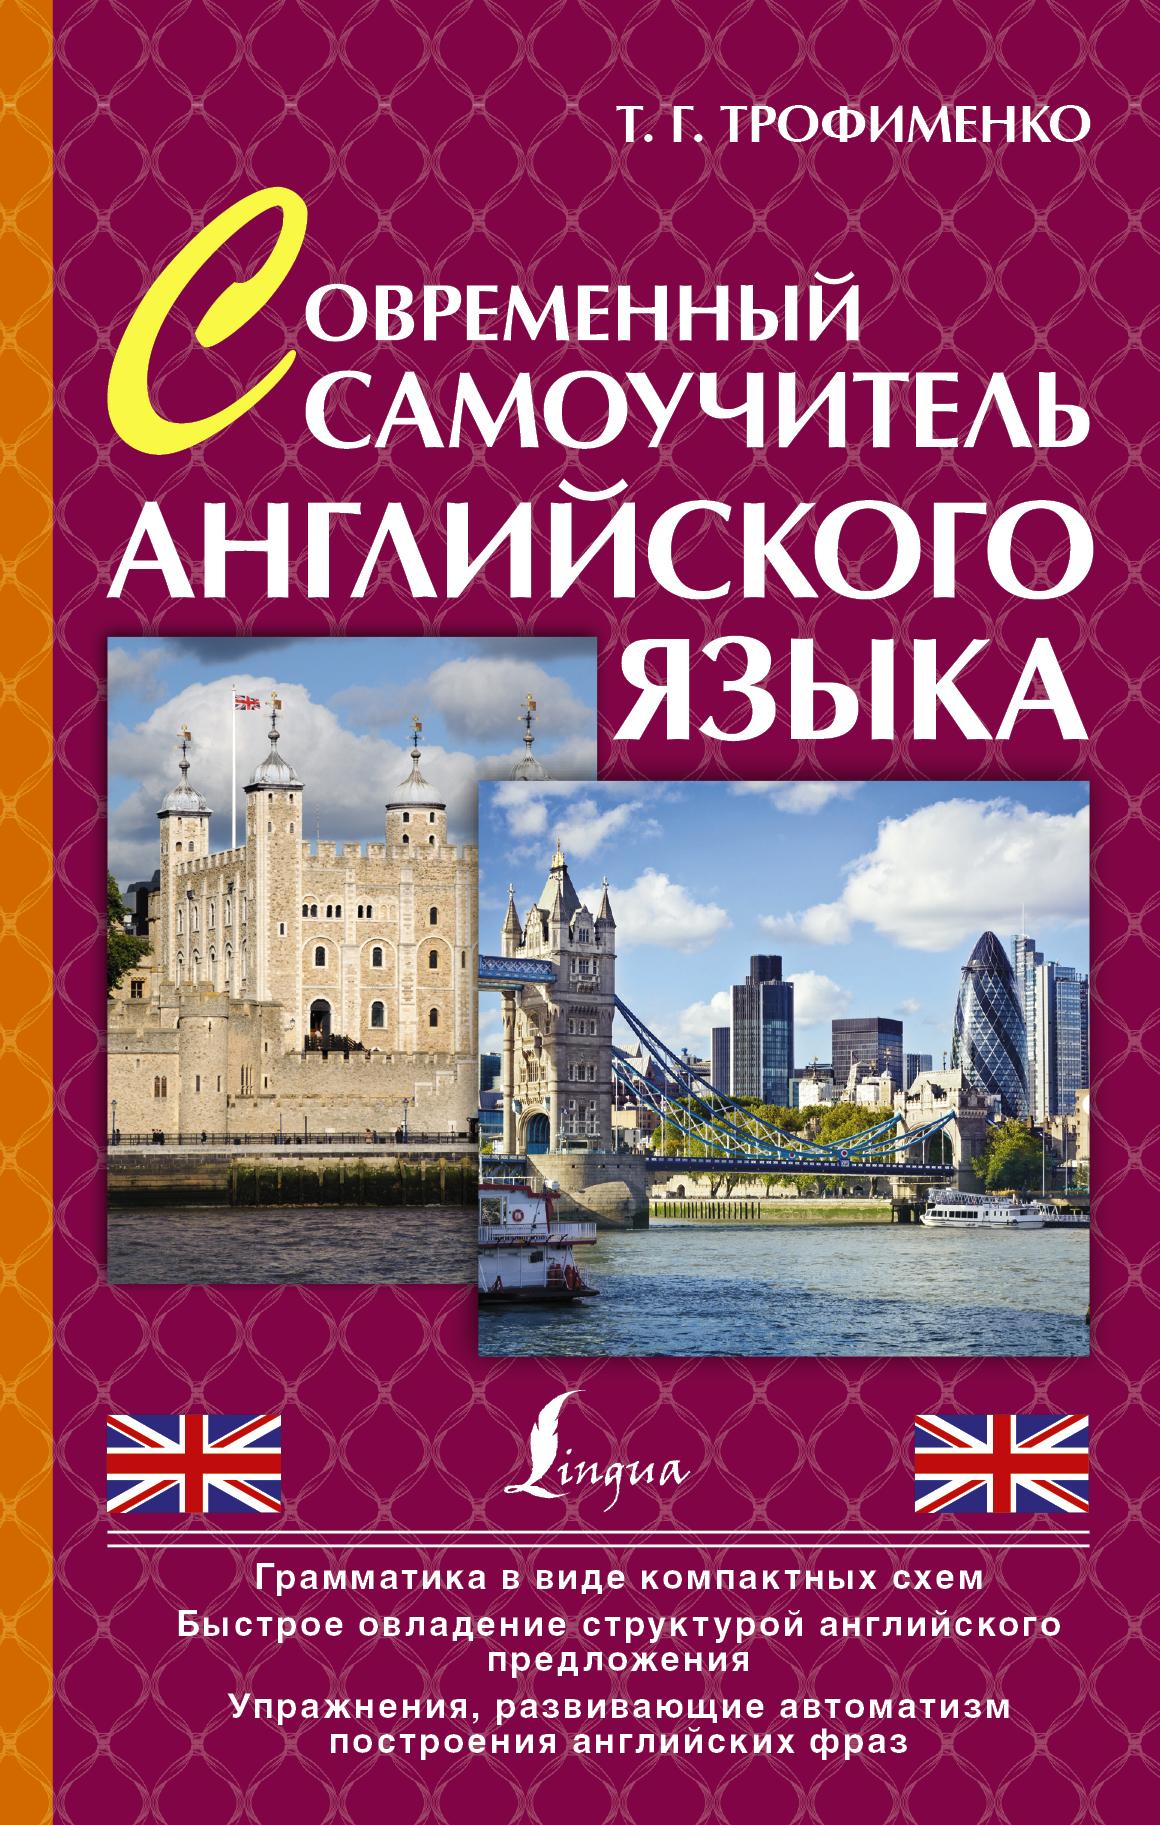 Личные местоимения английского языка ‹ Грамматика ‹ engblog.ru